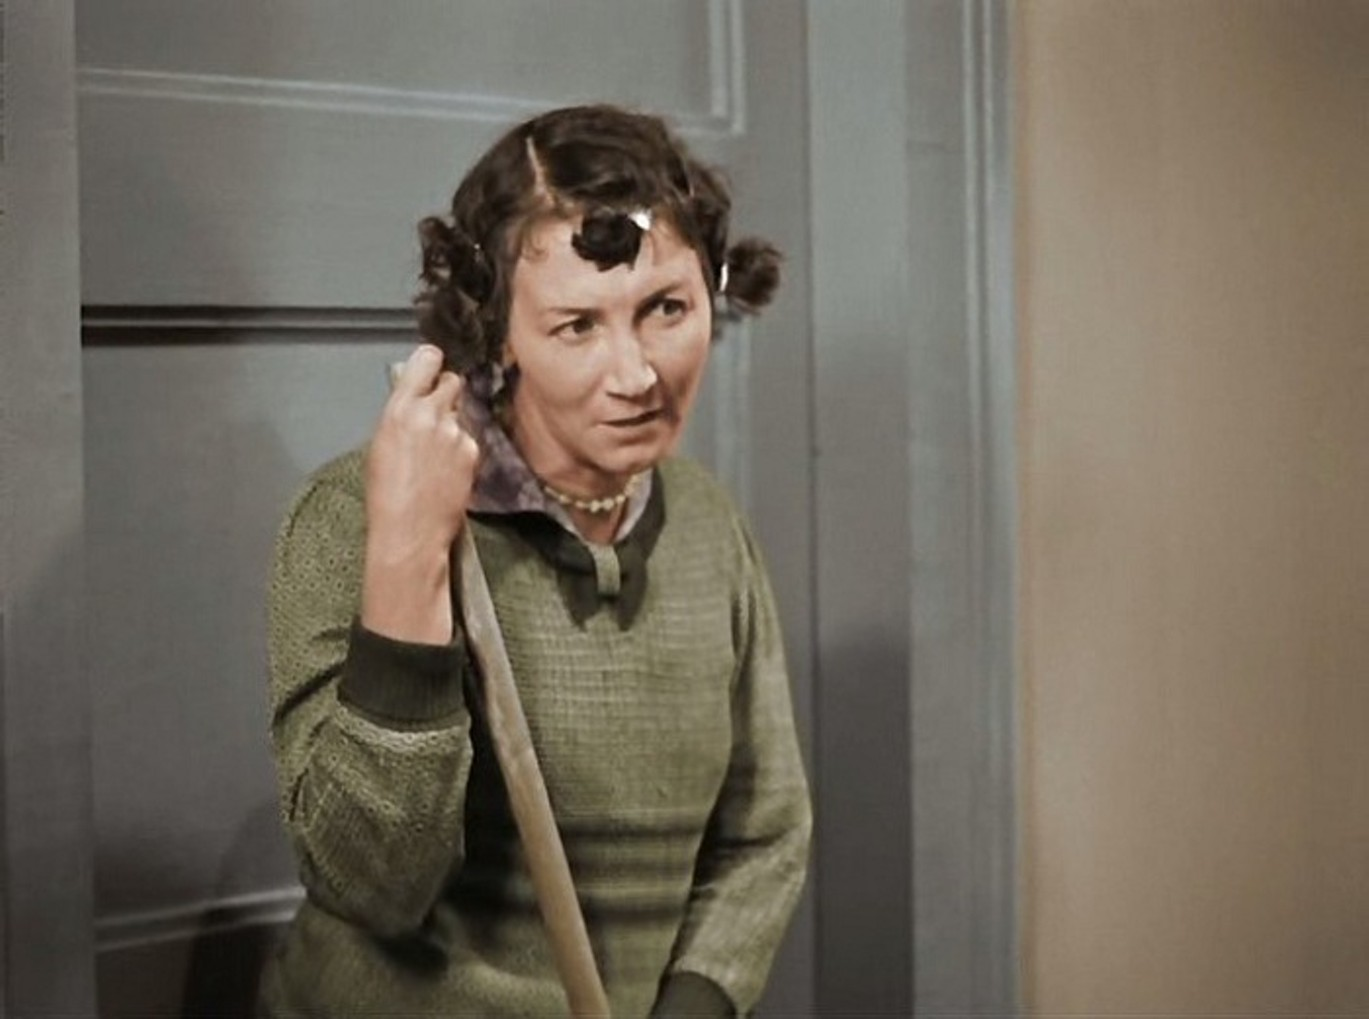 Рина Зеленая.Забавная домработница в «Подкидыше», мудрая черепаха Тортила в «Приключениях Буратино», уютная миссис Хадсон в «Шерлоке Холмсе»